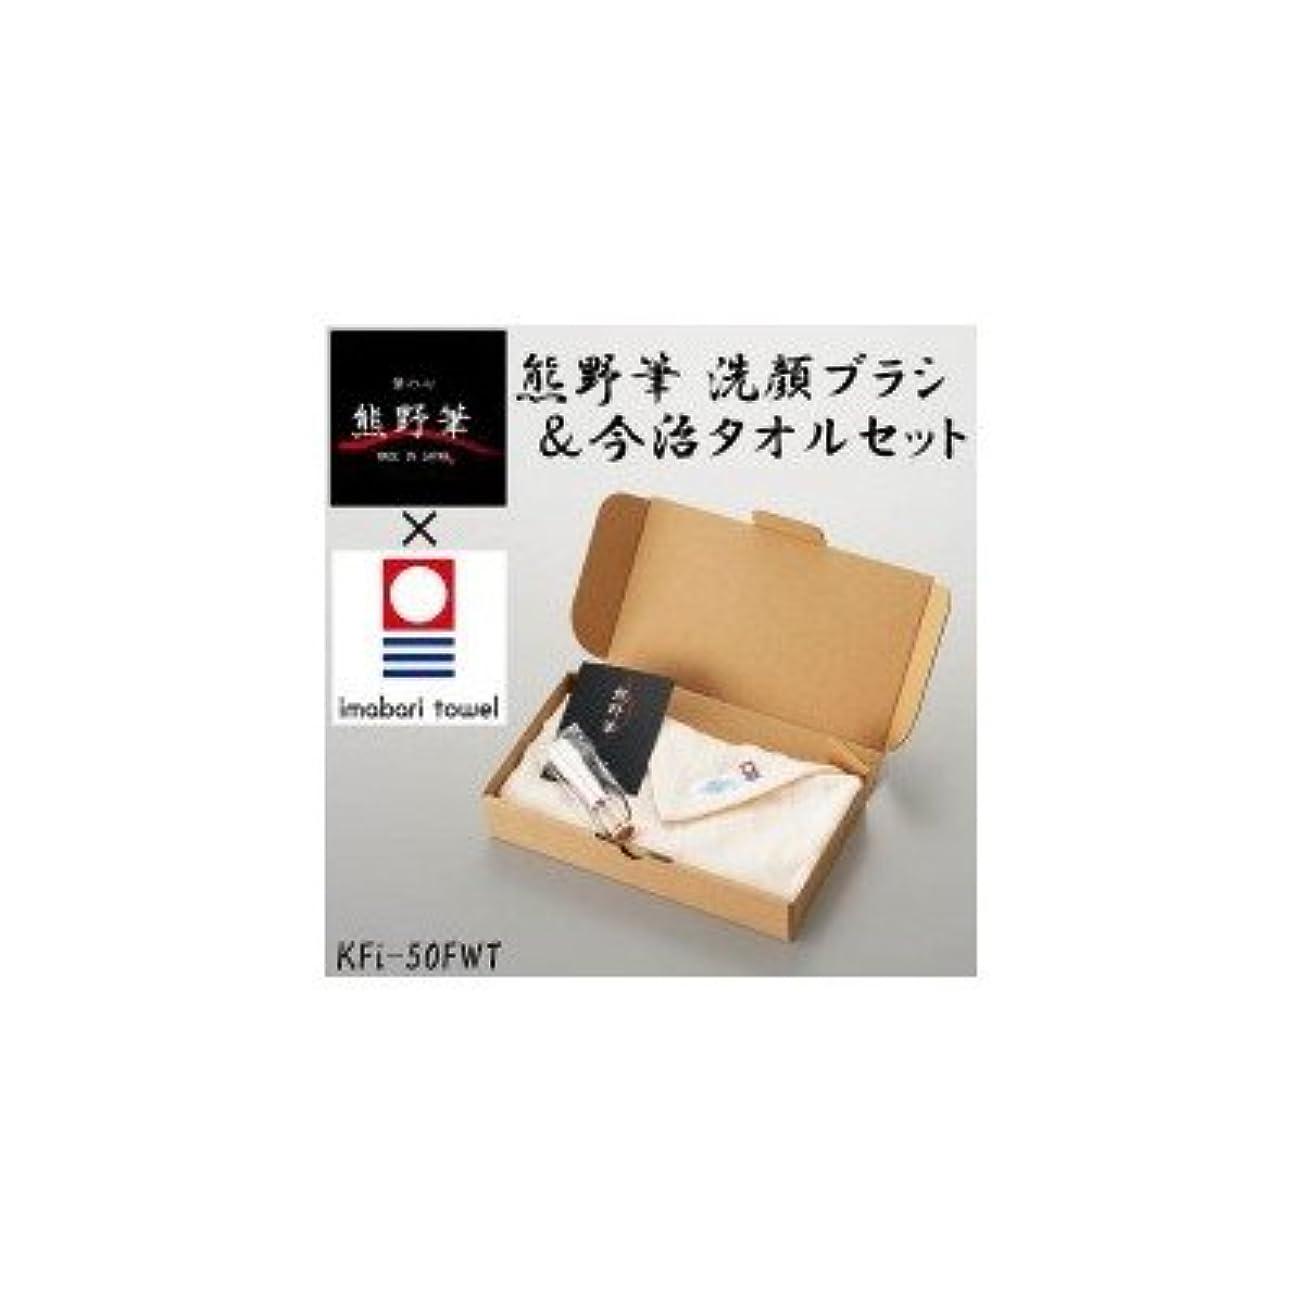 銅プランター素晴らしい良い多くの熊野筆と今治タオルのコラボレーション 熊野筆 洗顔ブラシ&今治タオルセット KFi-50FWT